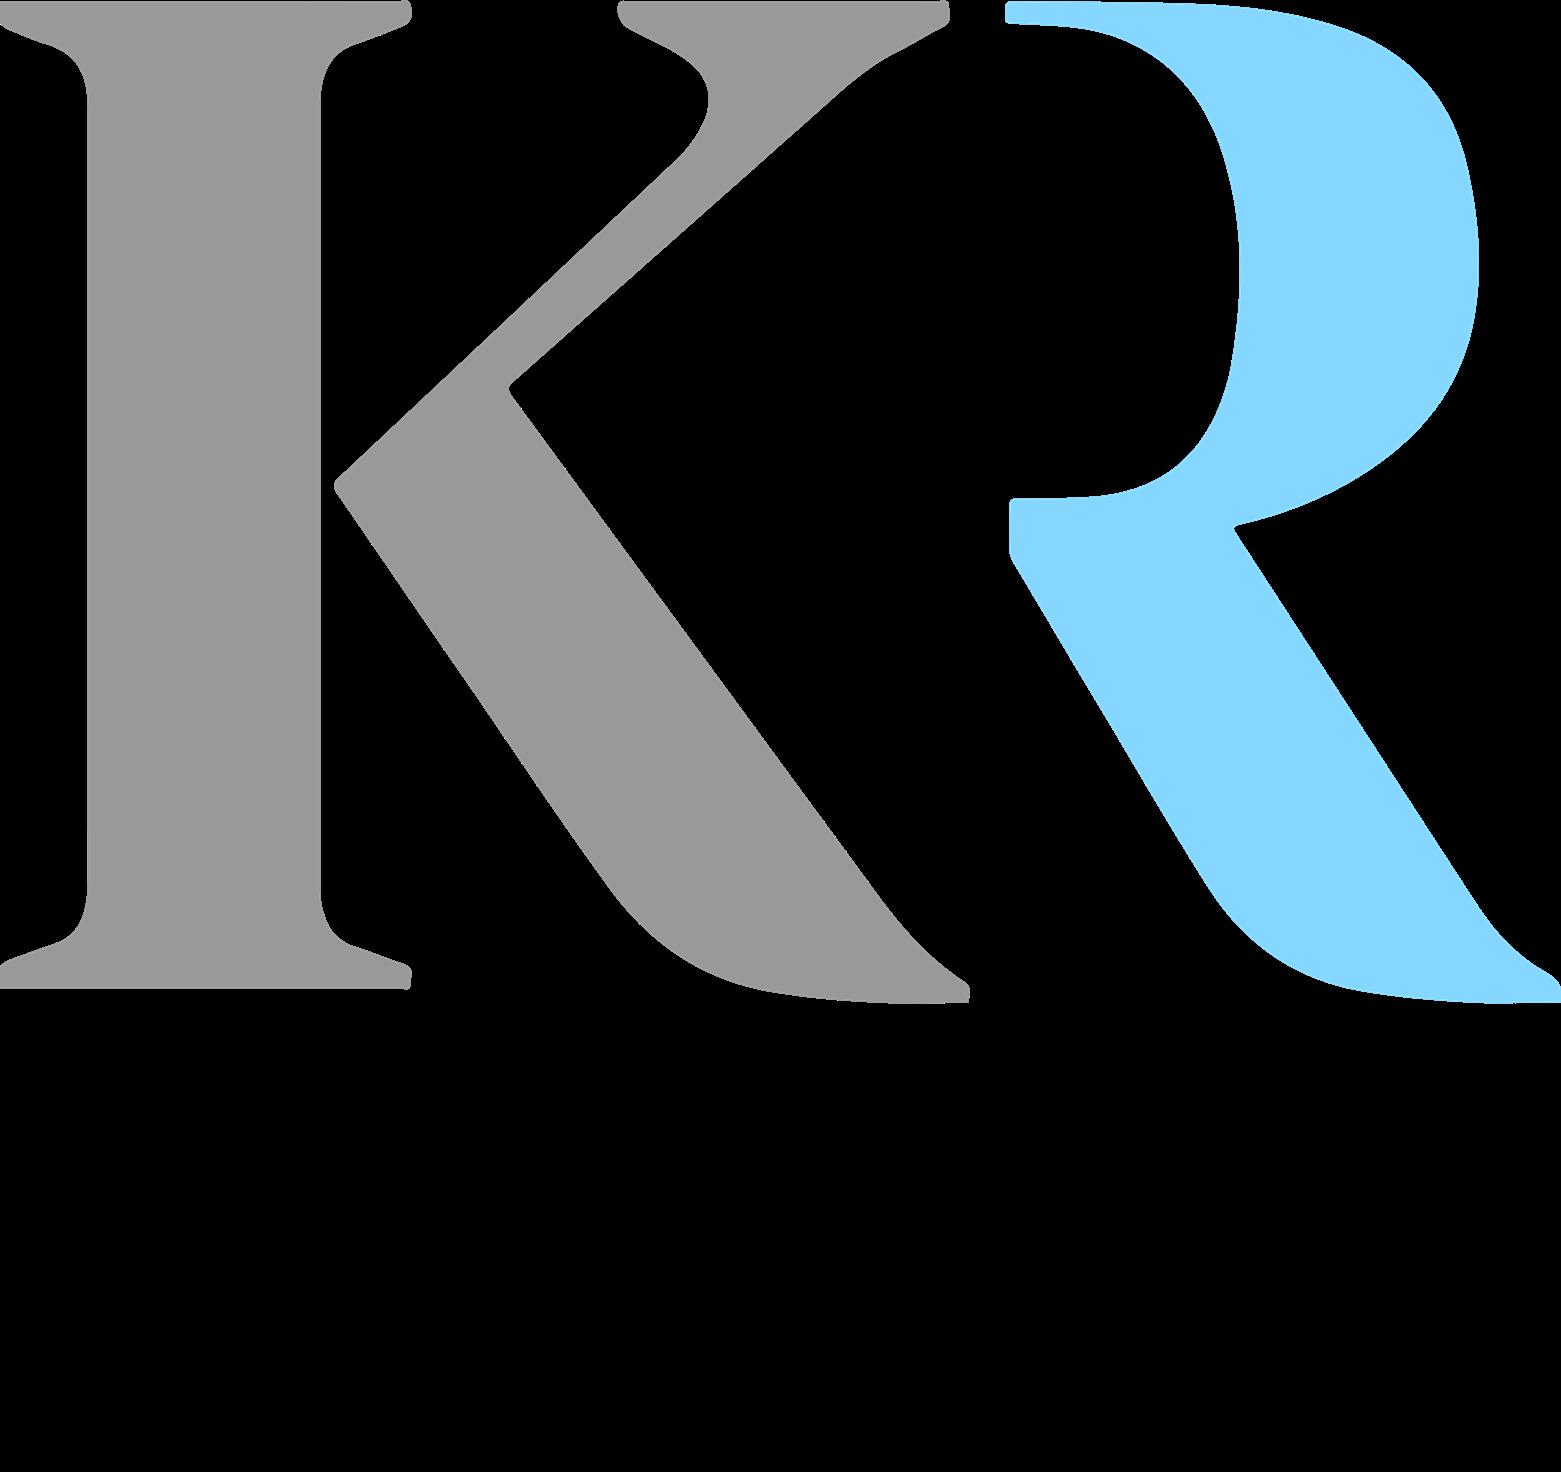 Kridx. Kreatív alapanyagok